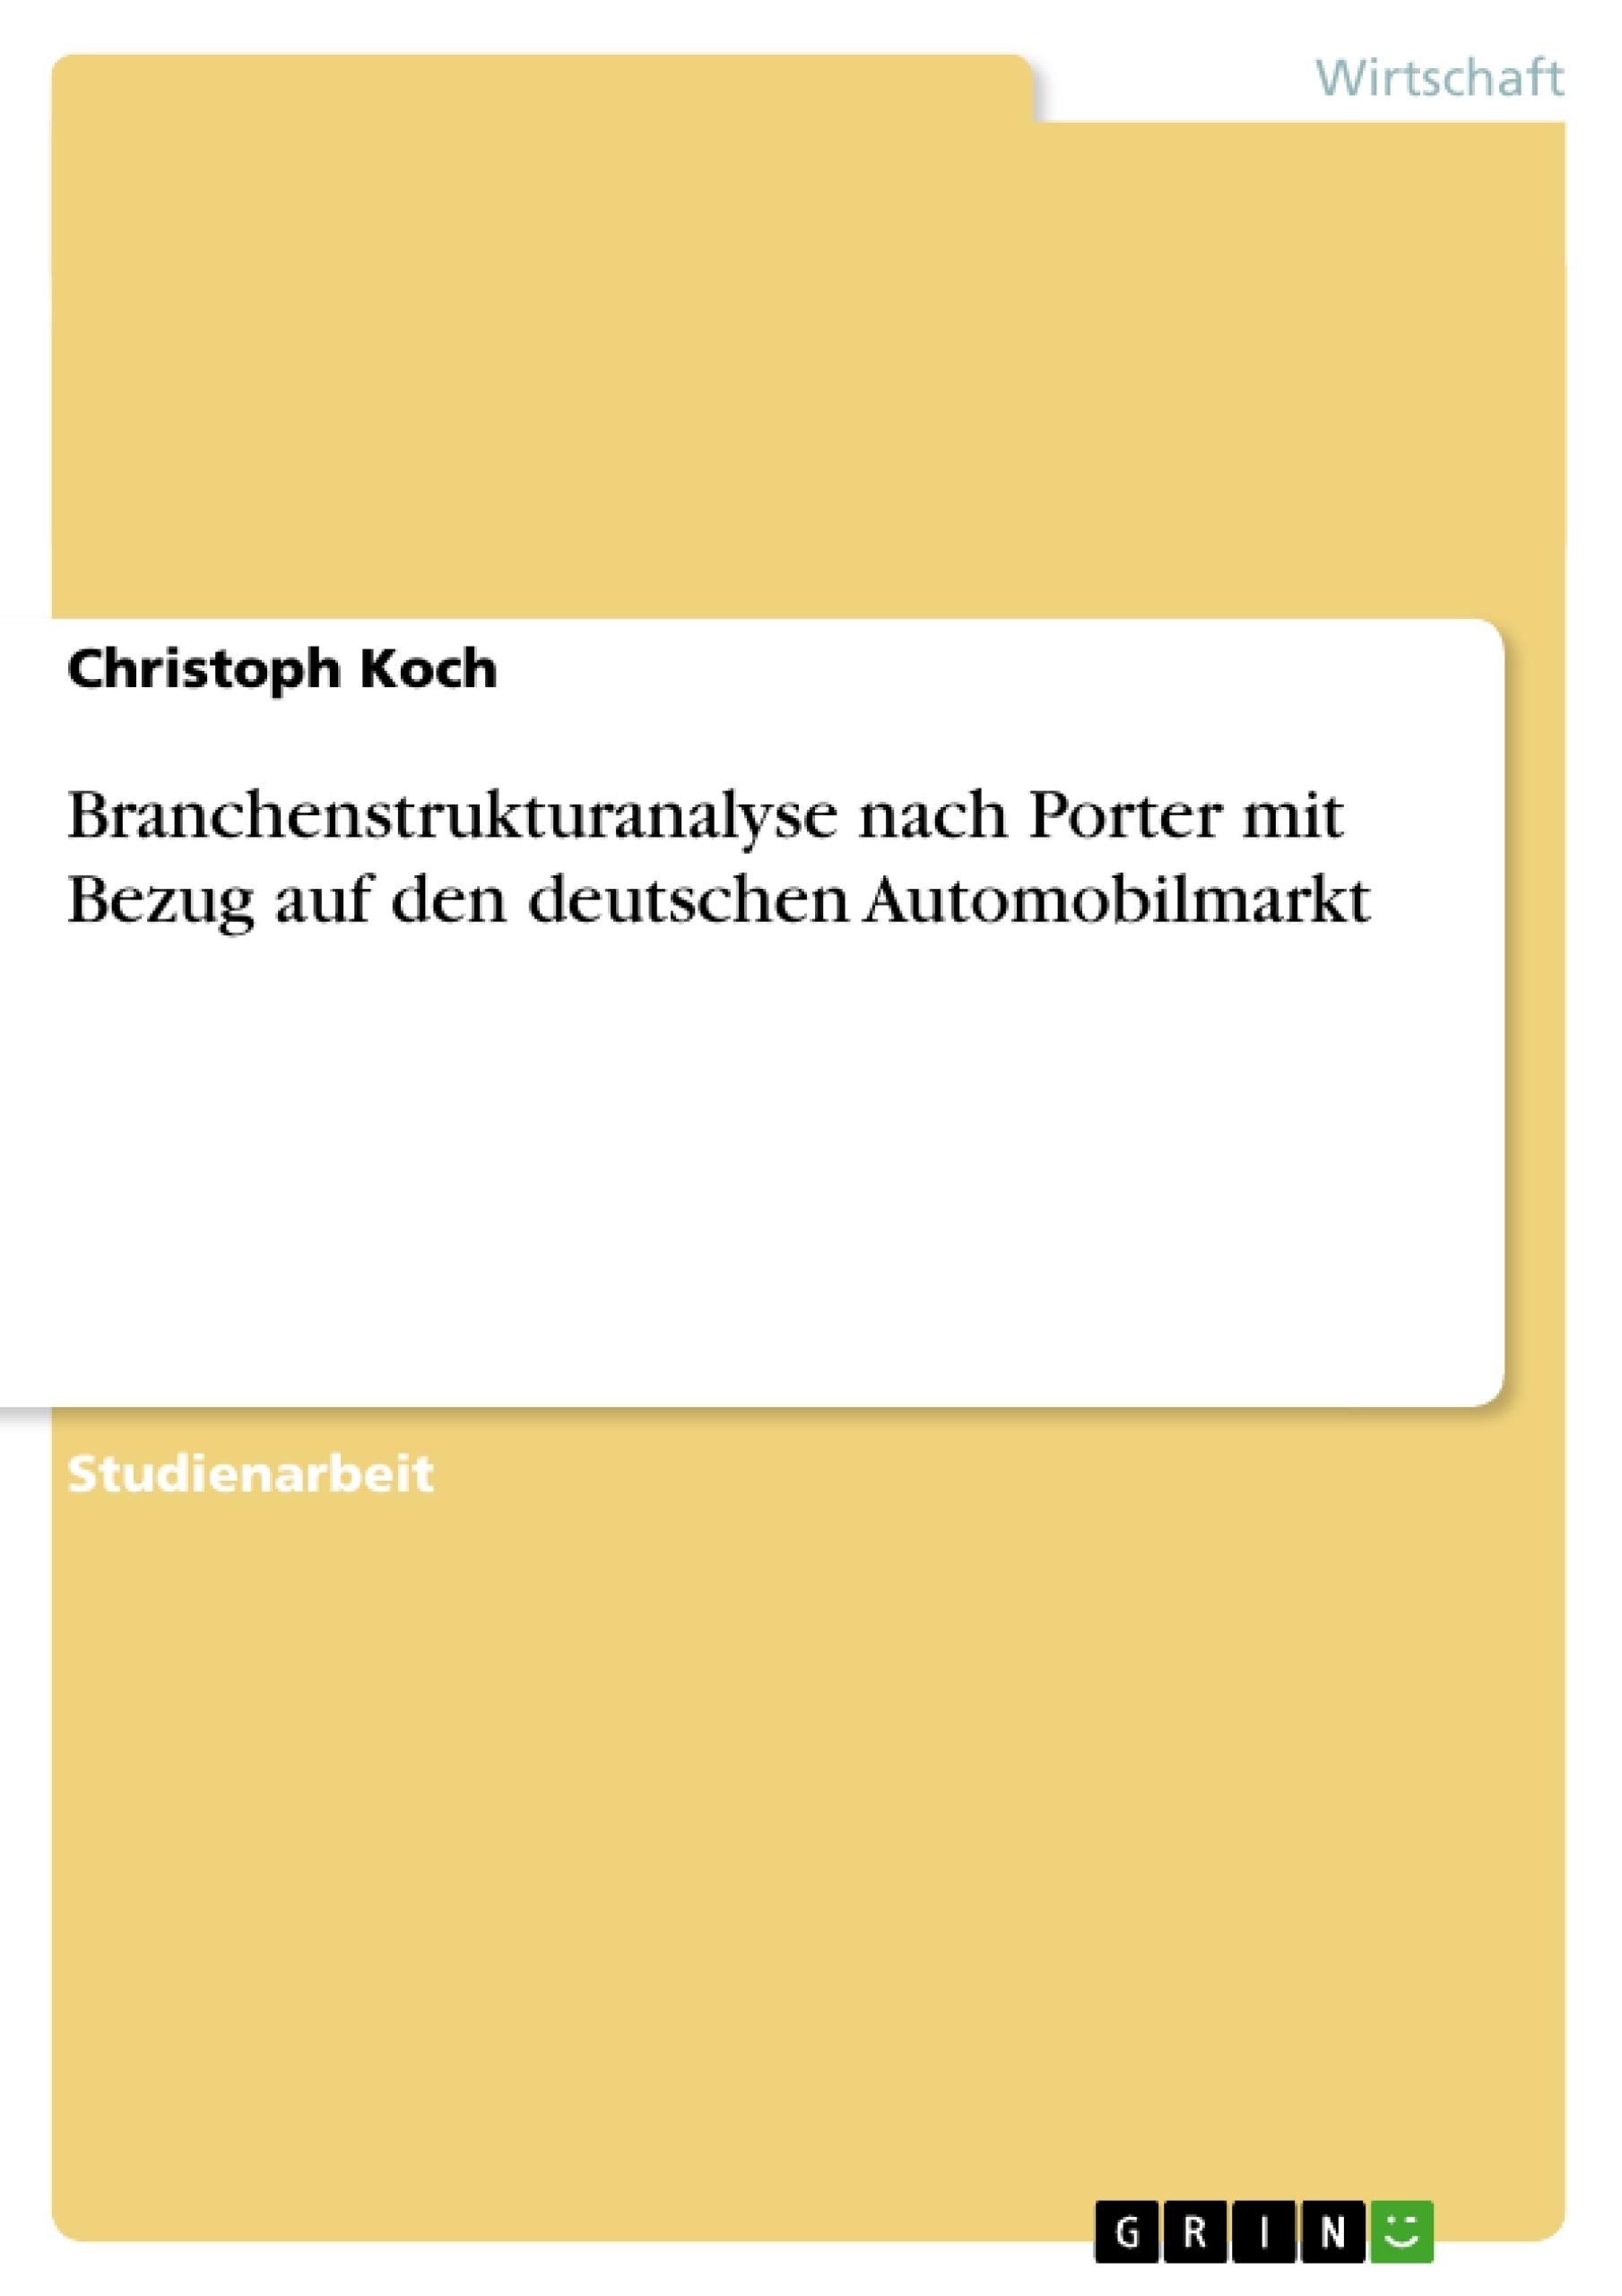 Titel: Branchenstrukturanalyse nach Porter mit Bezug auf den deutschen Automobilmarkt